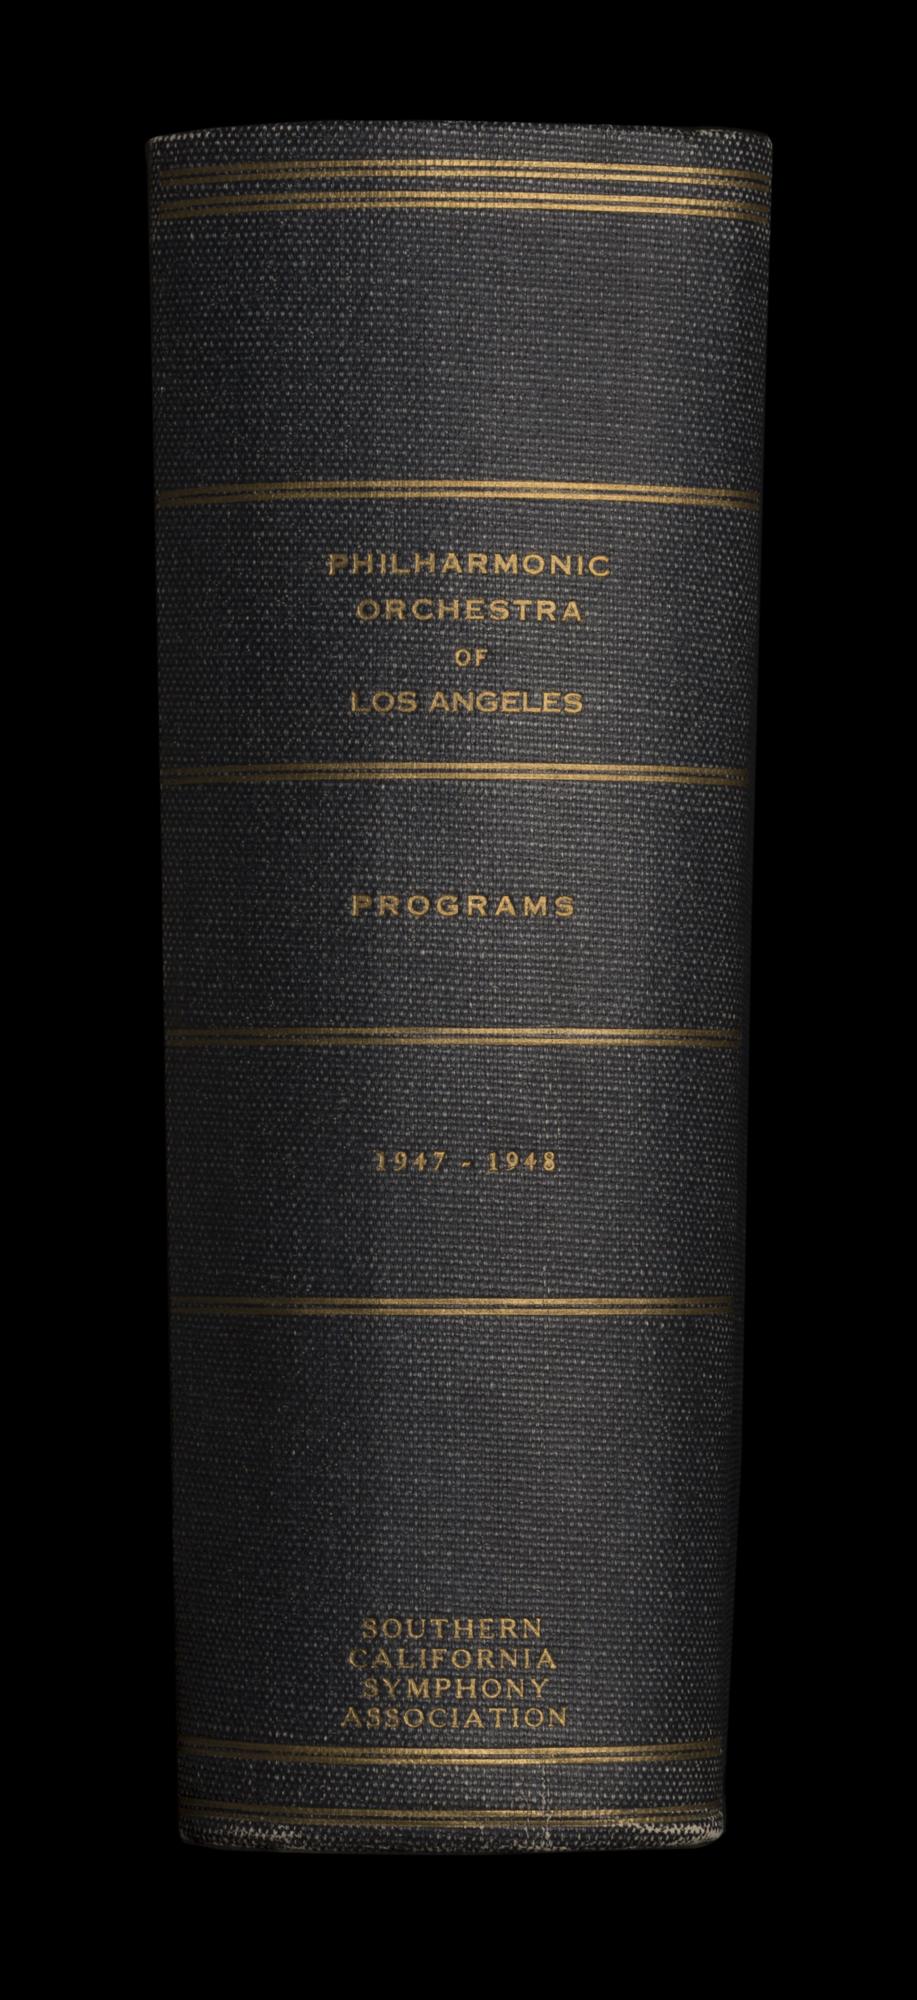 LAPO_ProgramBook_Spine_1947-1948.jpg